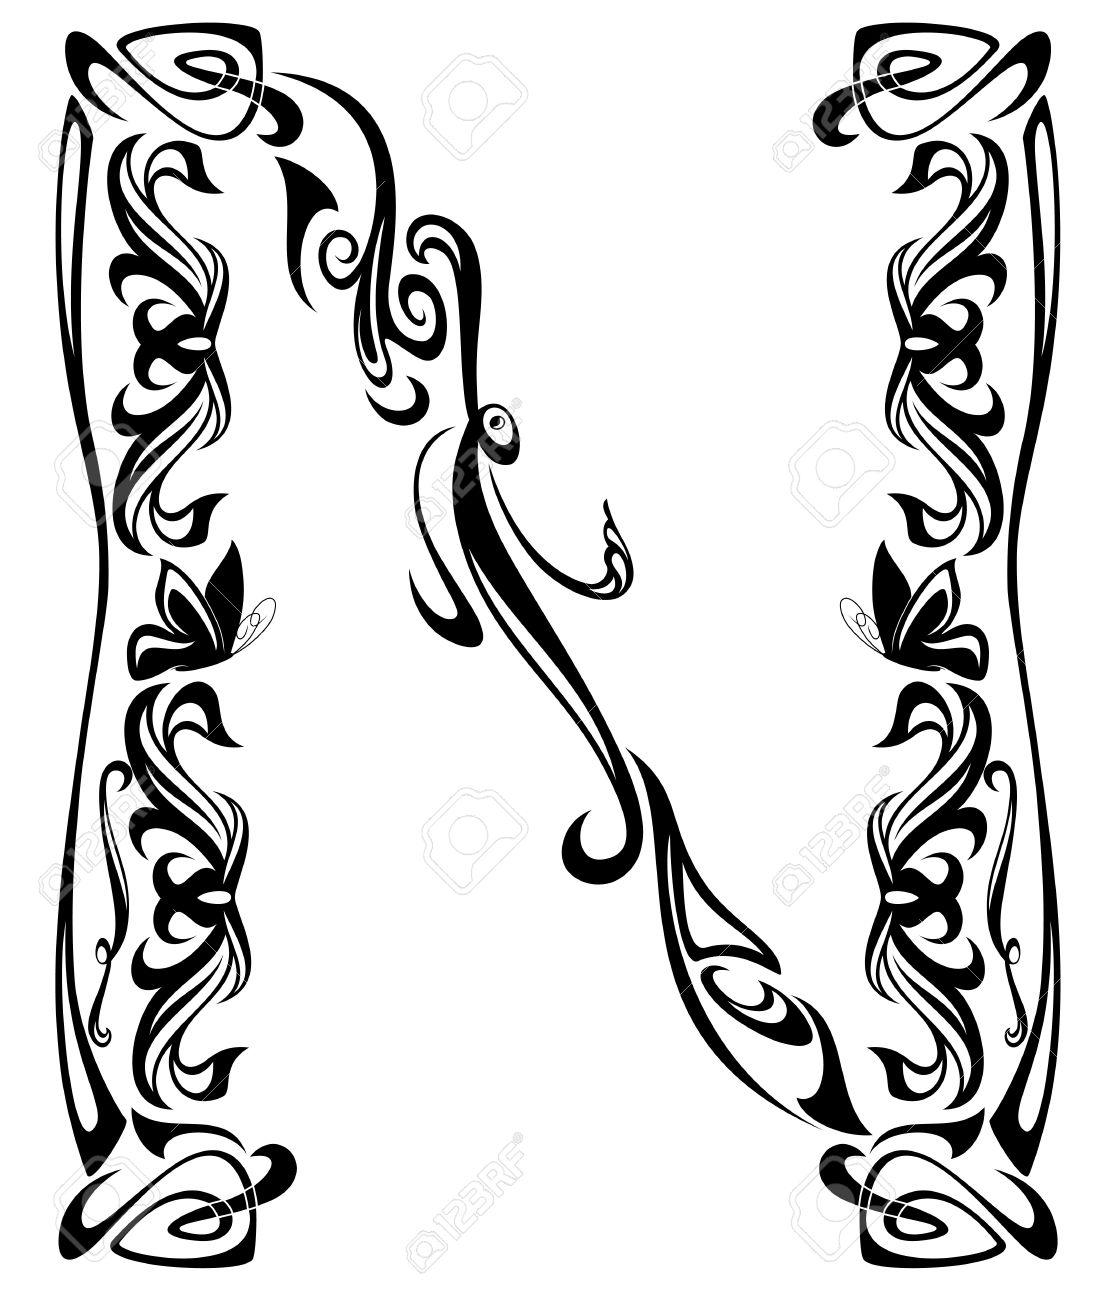 Art Nouveau Style Vintage Font Letter N Monochrome Outline Royalty